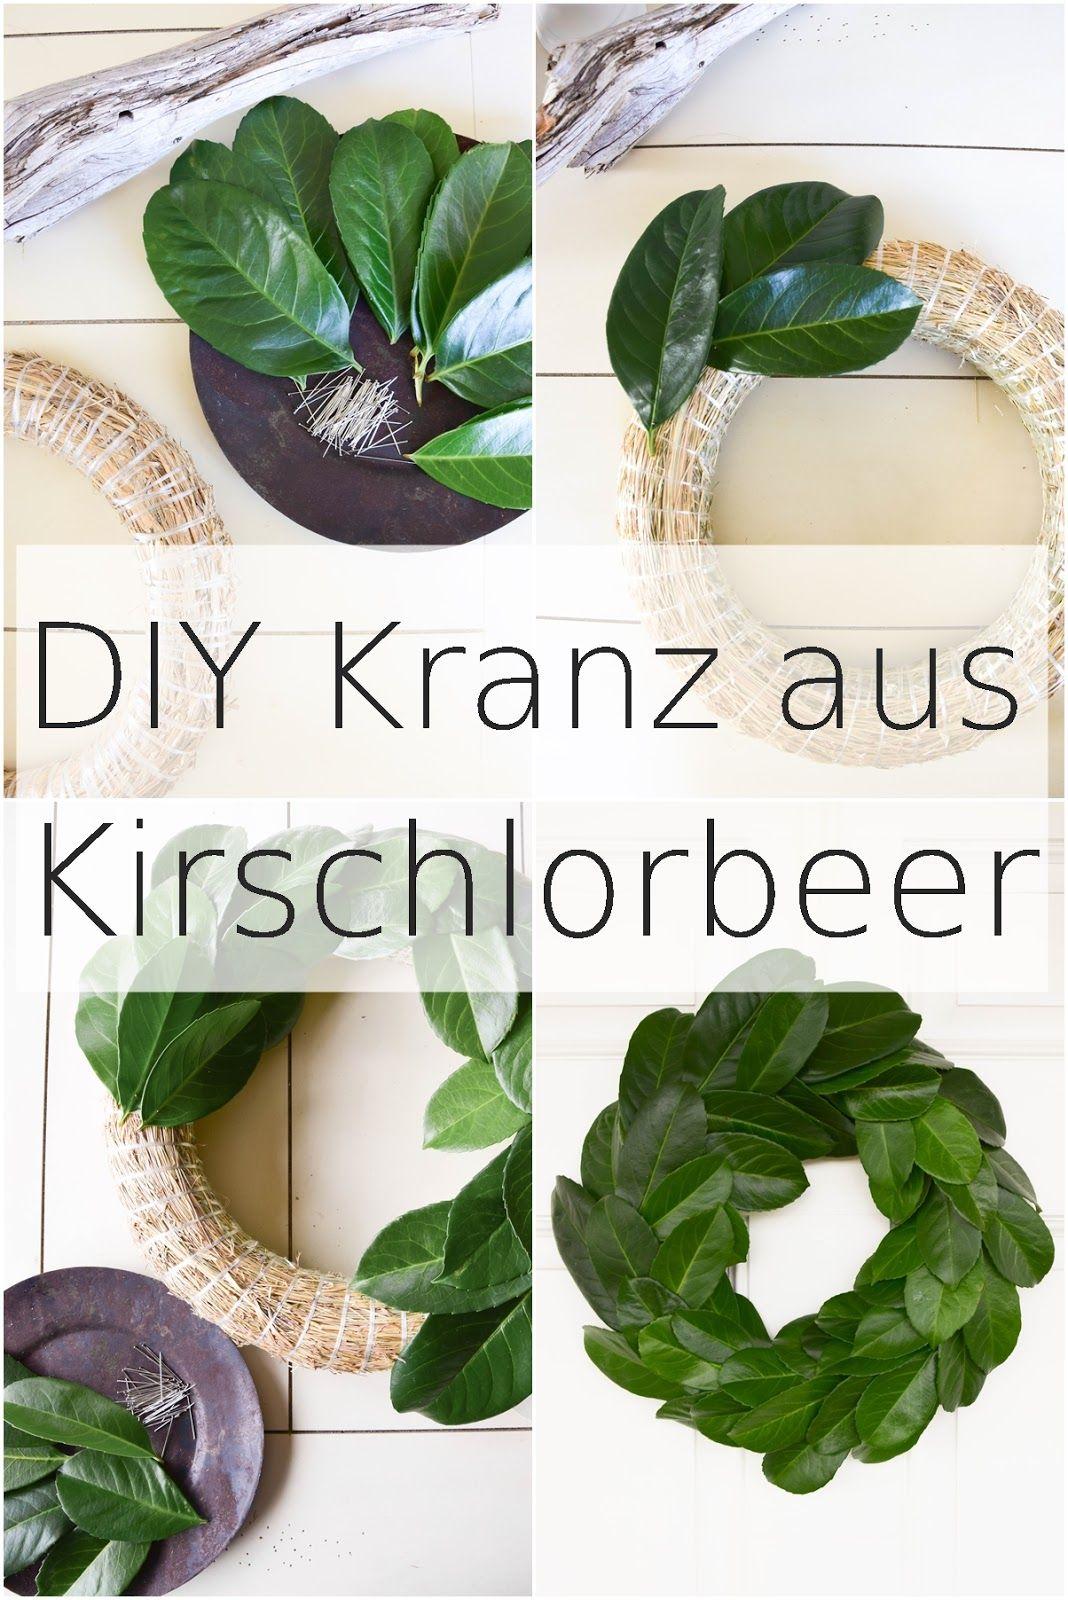 DIY Kranz aus Kirschlorbeer - einfach und schnell selbstgemacht ...